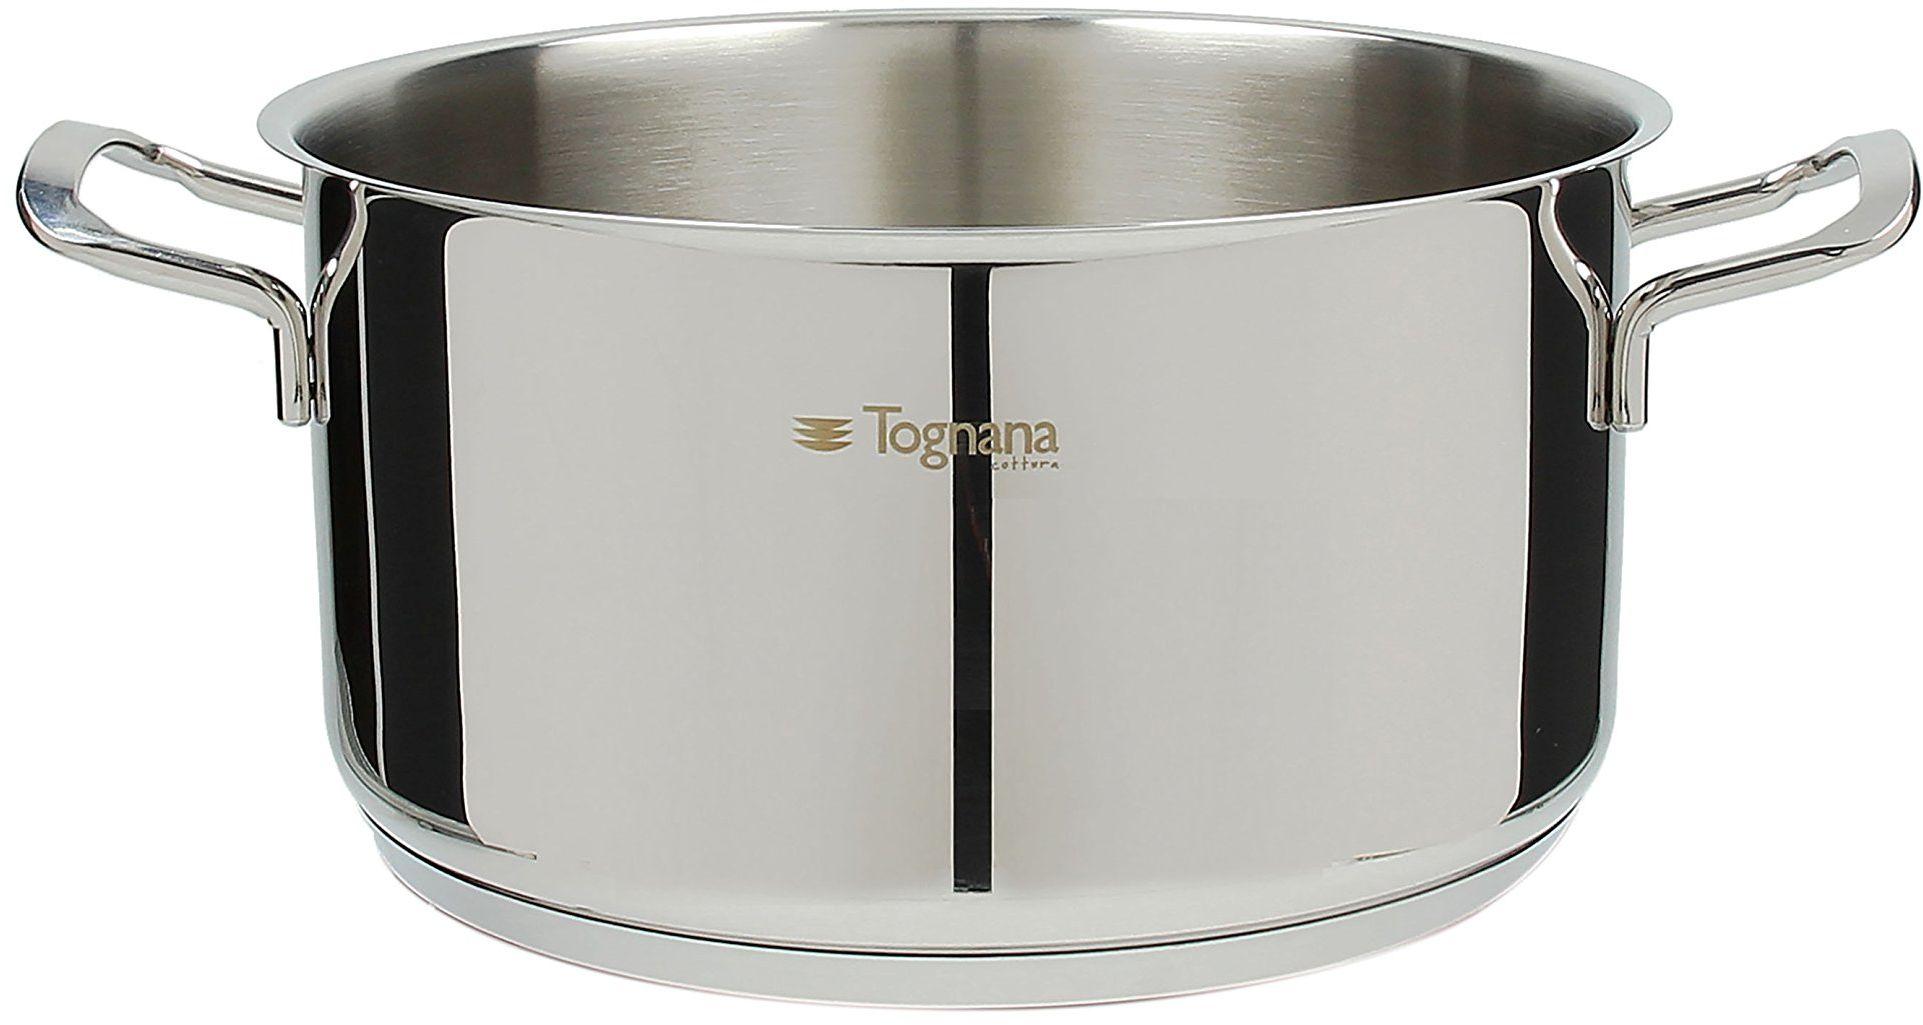 Tognana vanitosa garnek do pieczenia 28 cm z 2 uchwytami, stal nierdzewna, srebrny